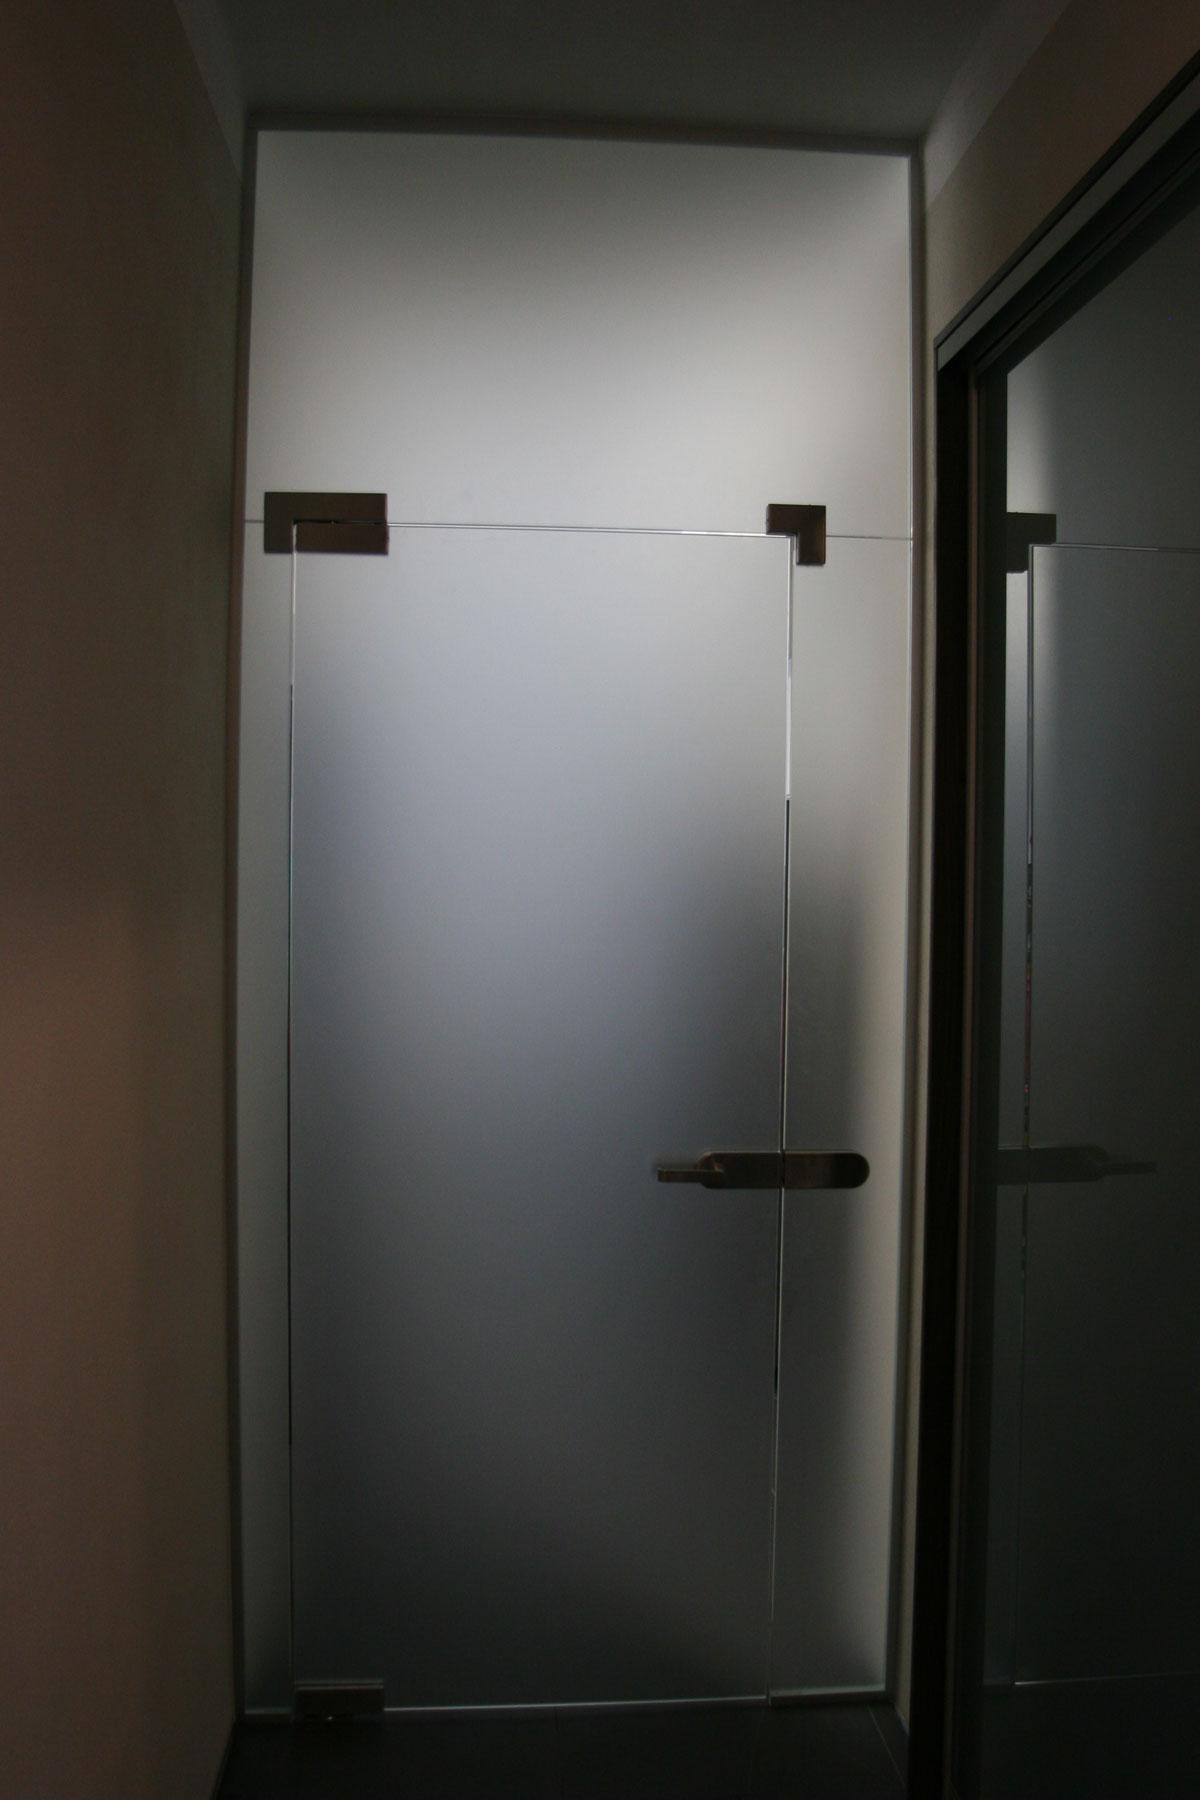 Sklenarstvi-Prerost-sklenene- steny-a-dvere (60)